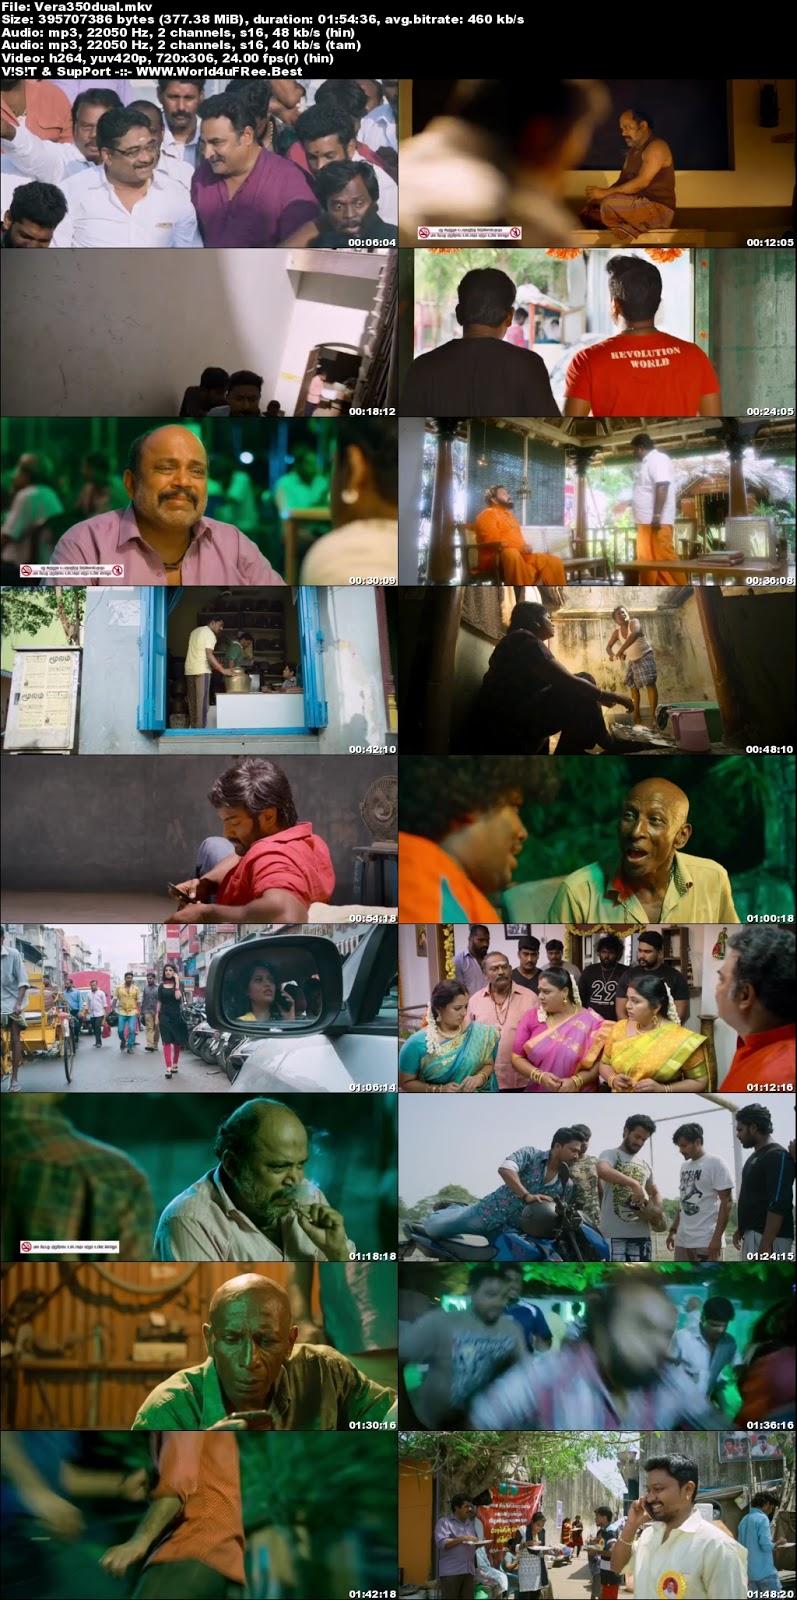 Hindi dubbed movies full movie | Veera 2018 dual audio